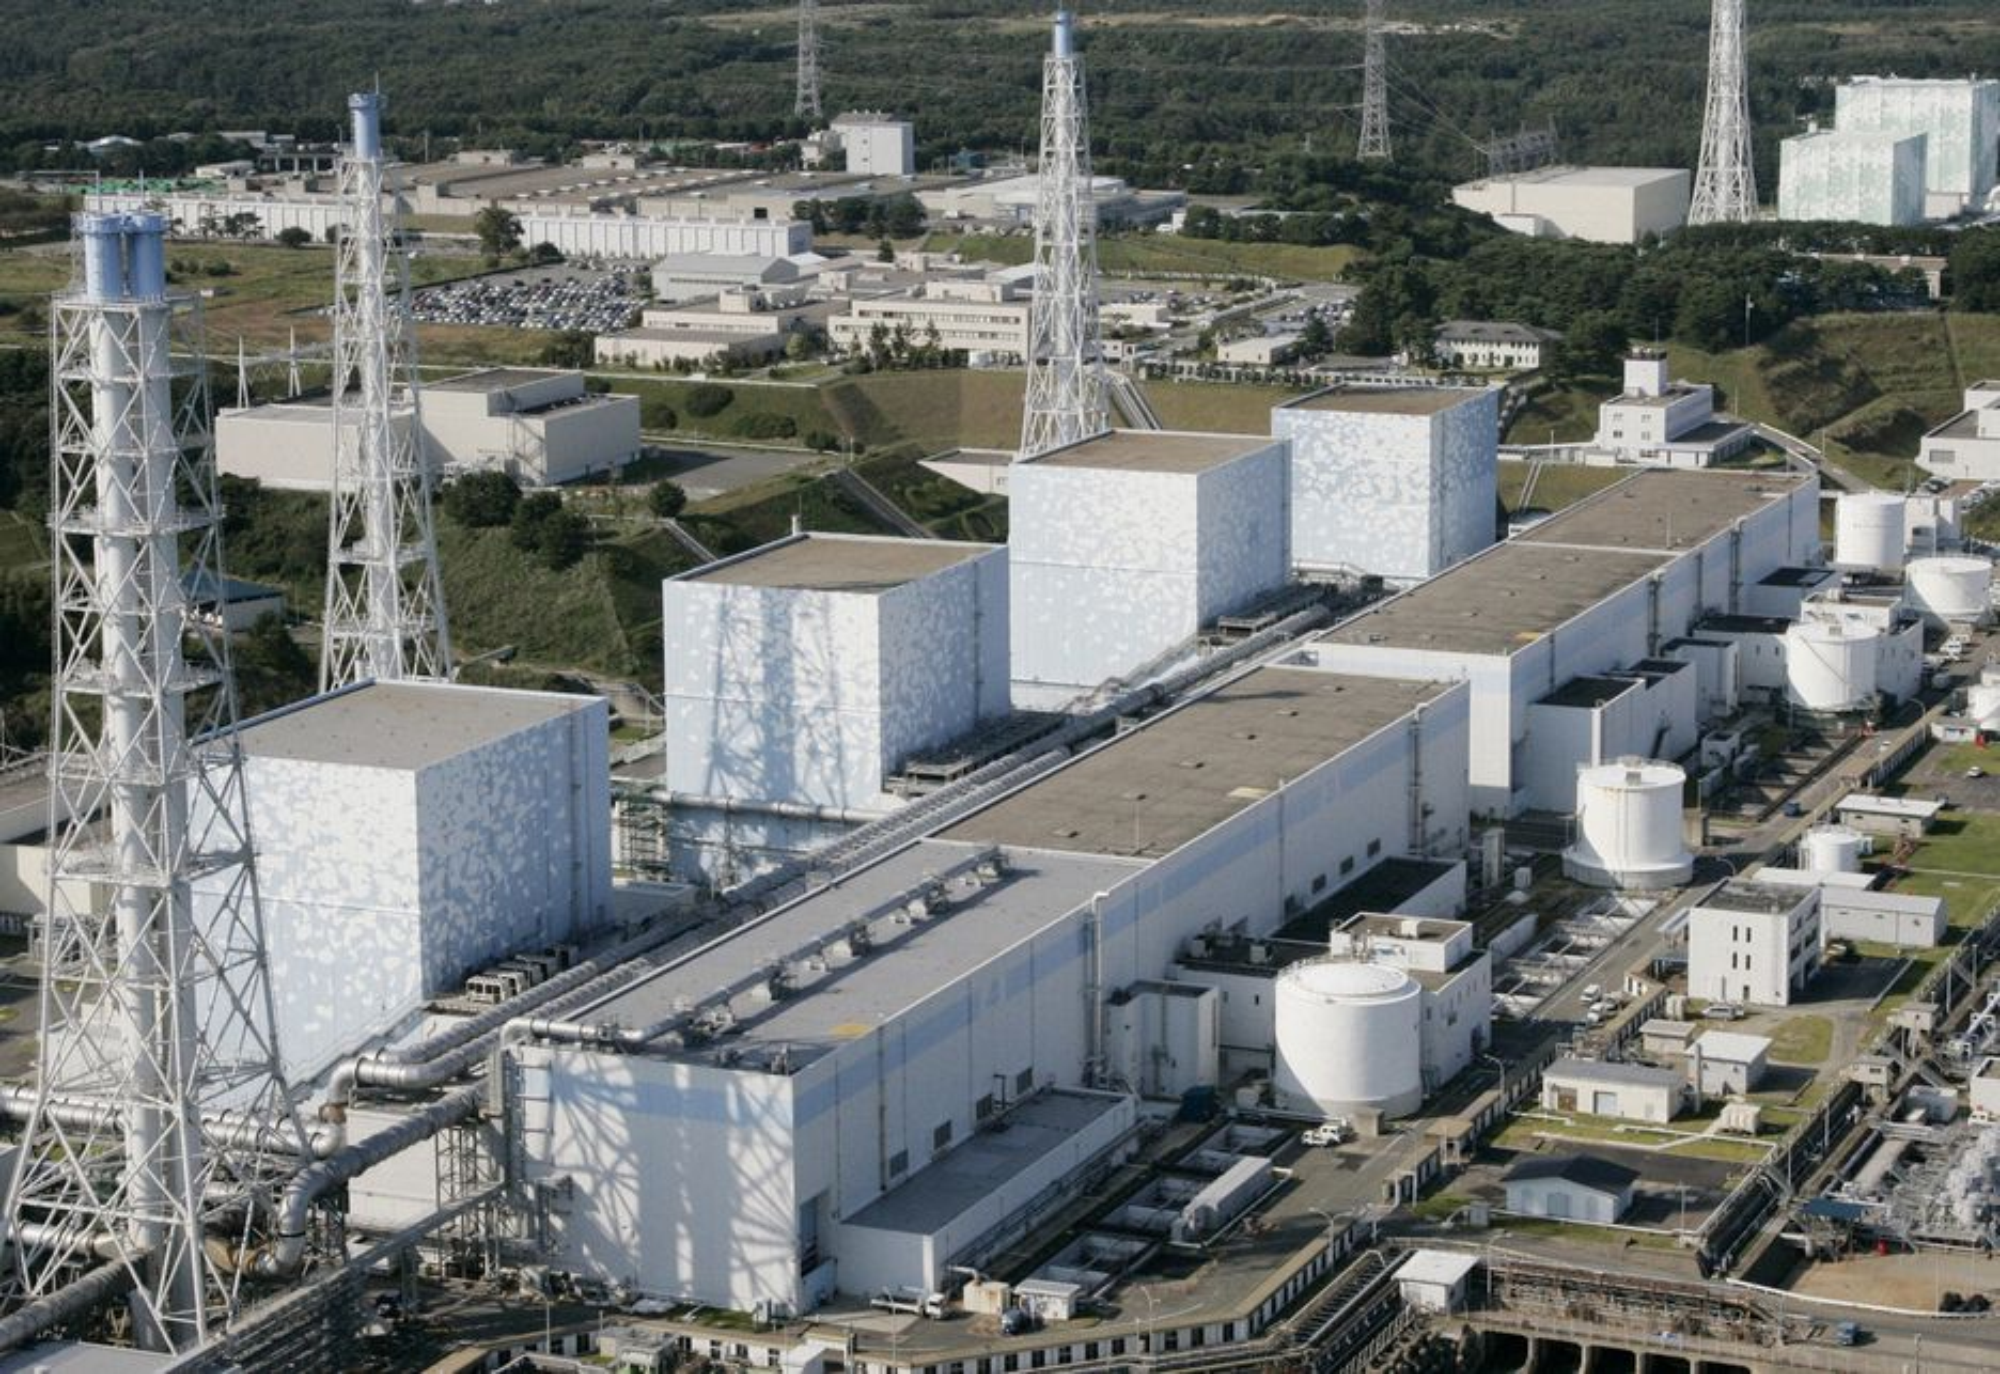 ÅRSAK: Den alvorlige ulykken ved Fukushima Daiichi-kraftverket 11. mars i fjor, er årsaken til at Japan nå vil stramme inn muligheten for forlengelse av driften for alle atomreaktorer.